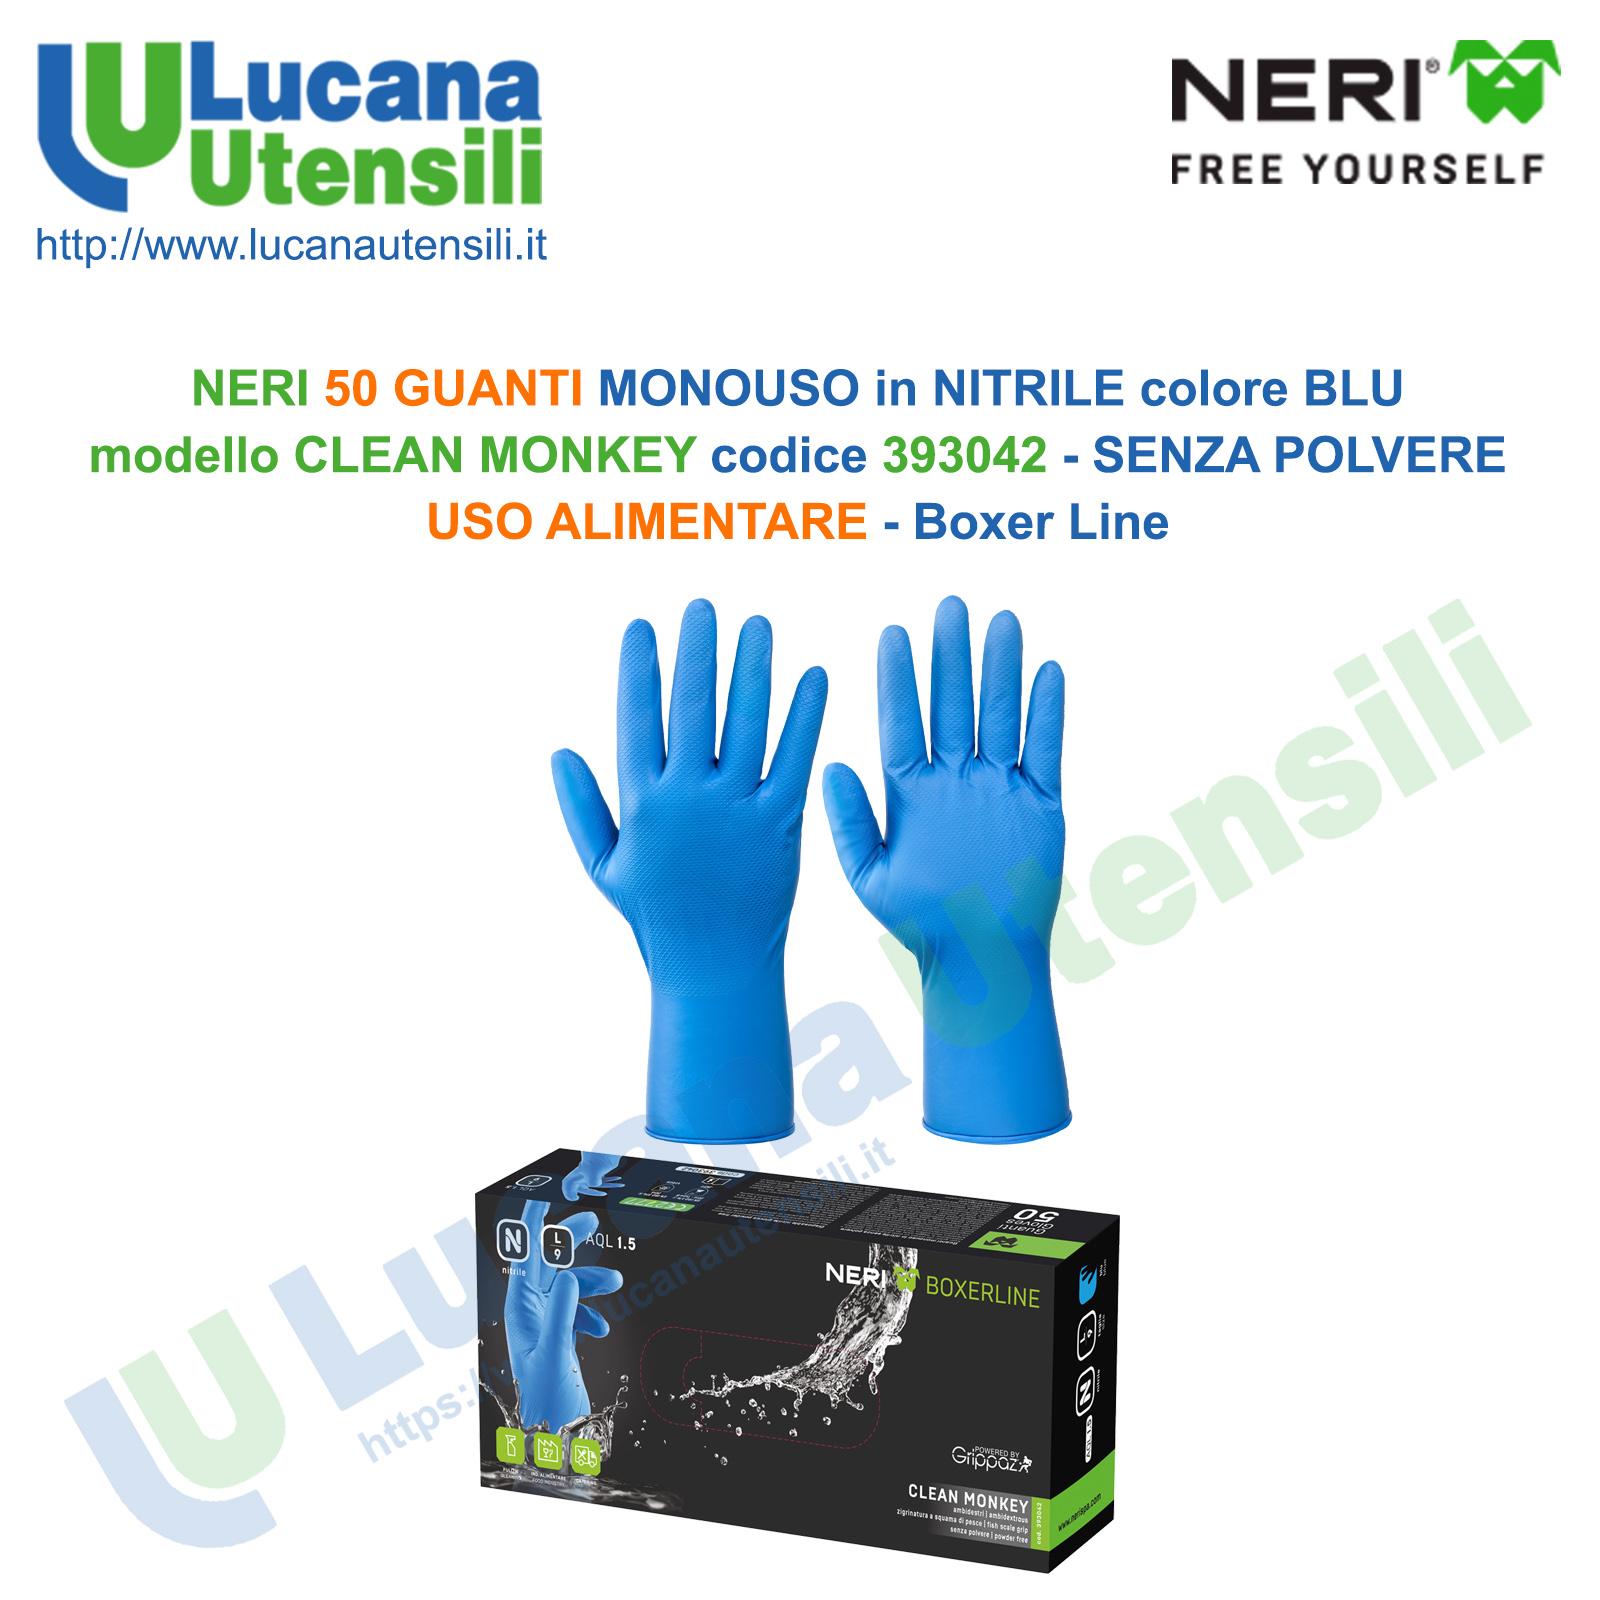 NERI 50 GUANTI MONOUSO NITRILE BLU mod CLEAN MONKEY 393042 No Polvere ALIMENTARE